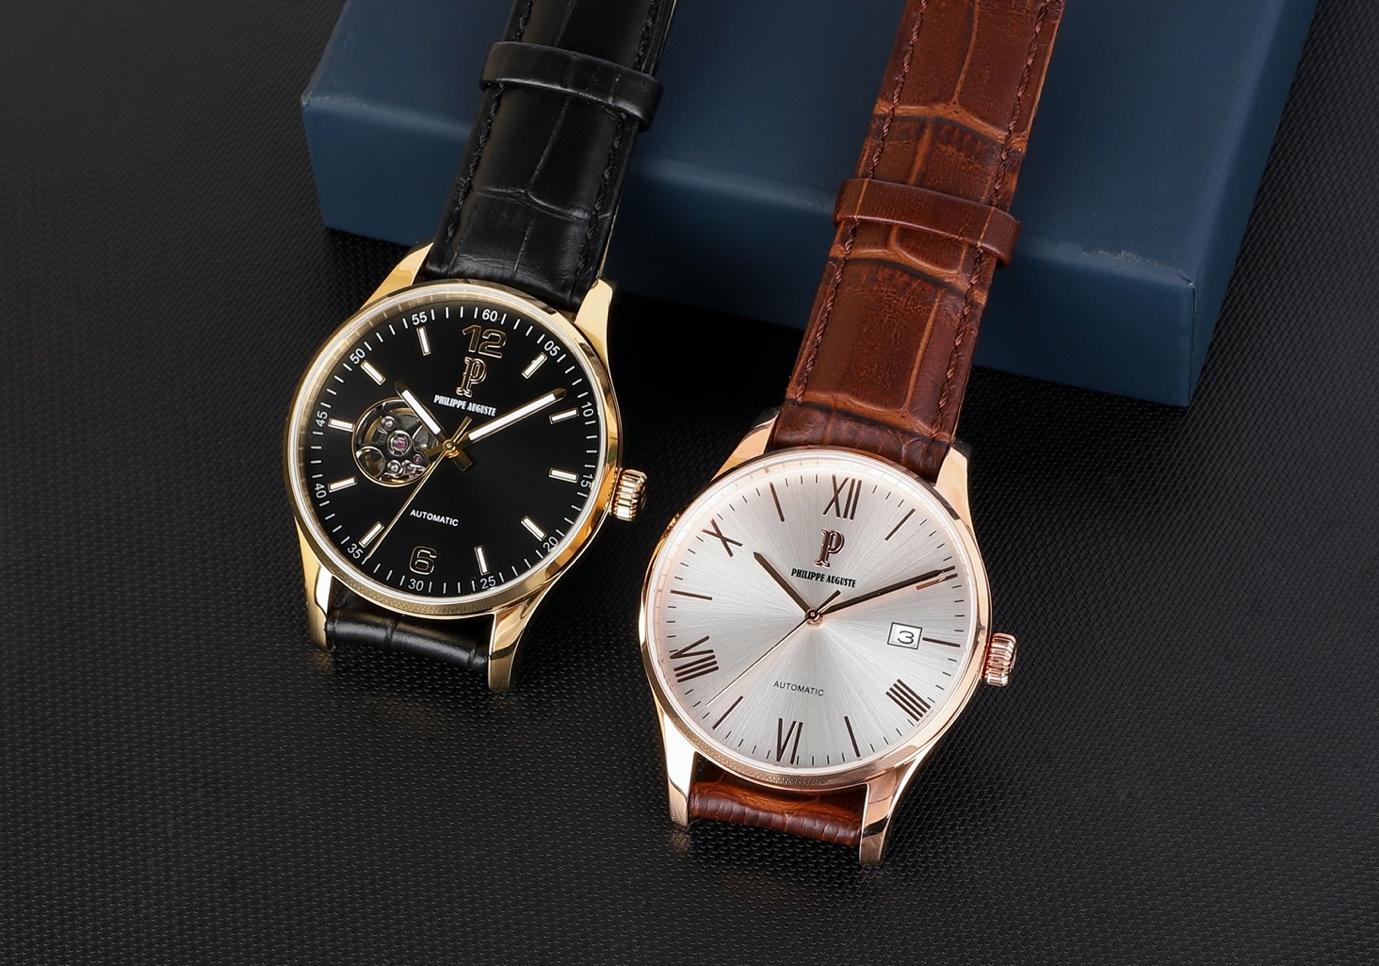 Mua đồng hồ Citizen chính hãng giảm giá tới 40% tại Đăng Quang Watch - Ảnh 4.